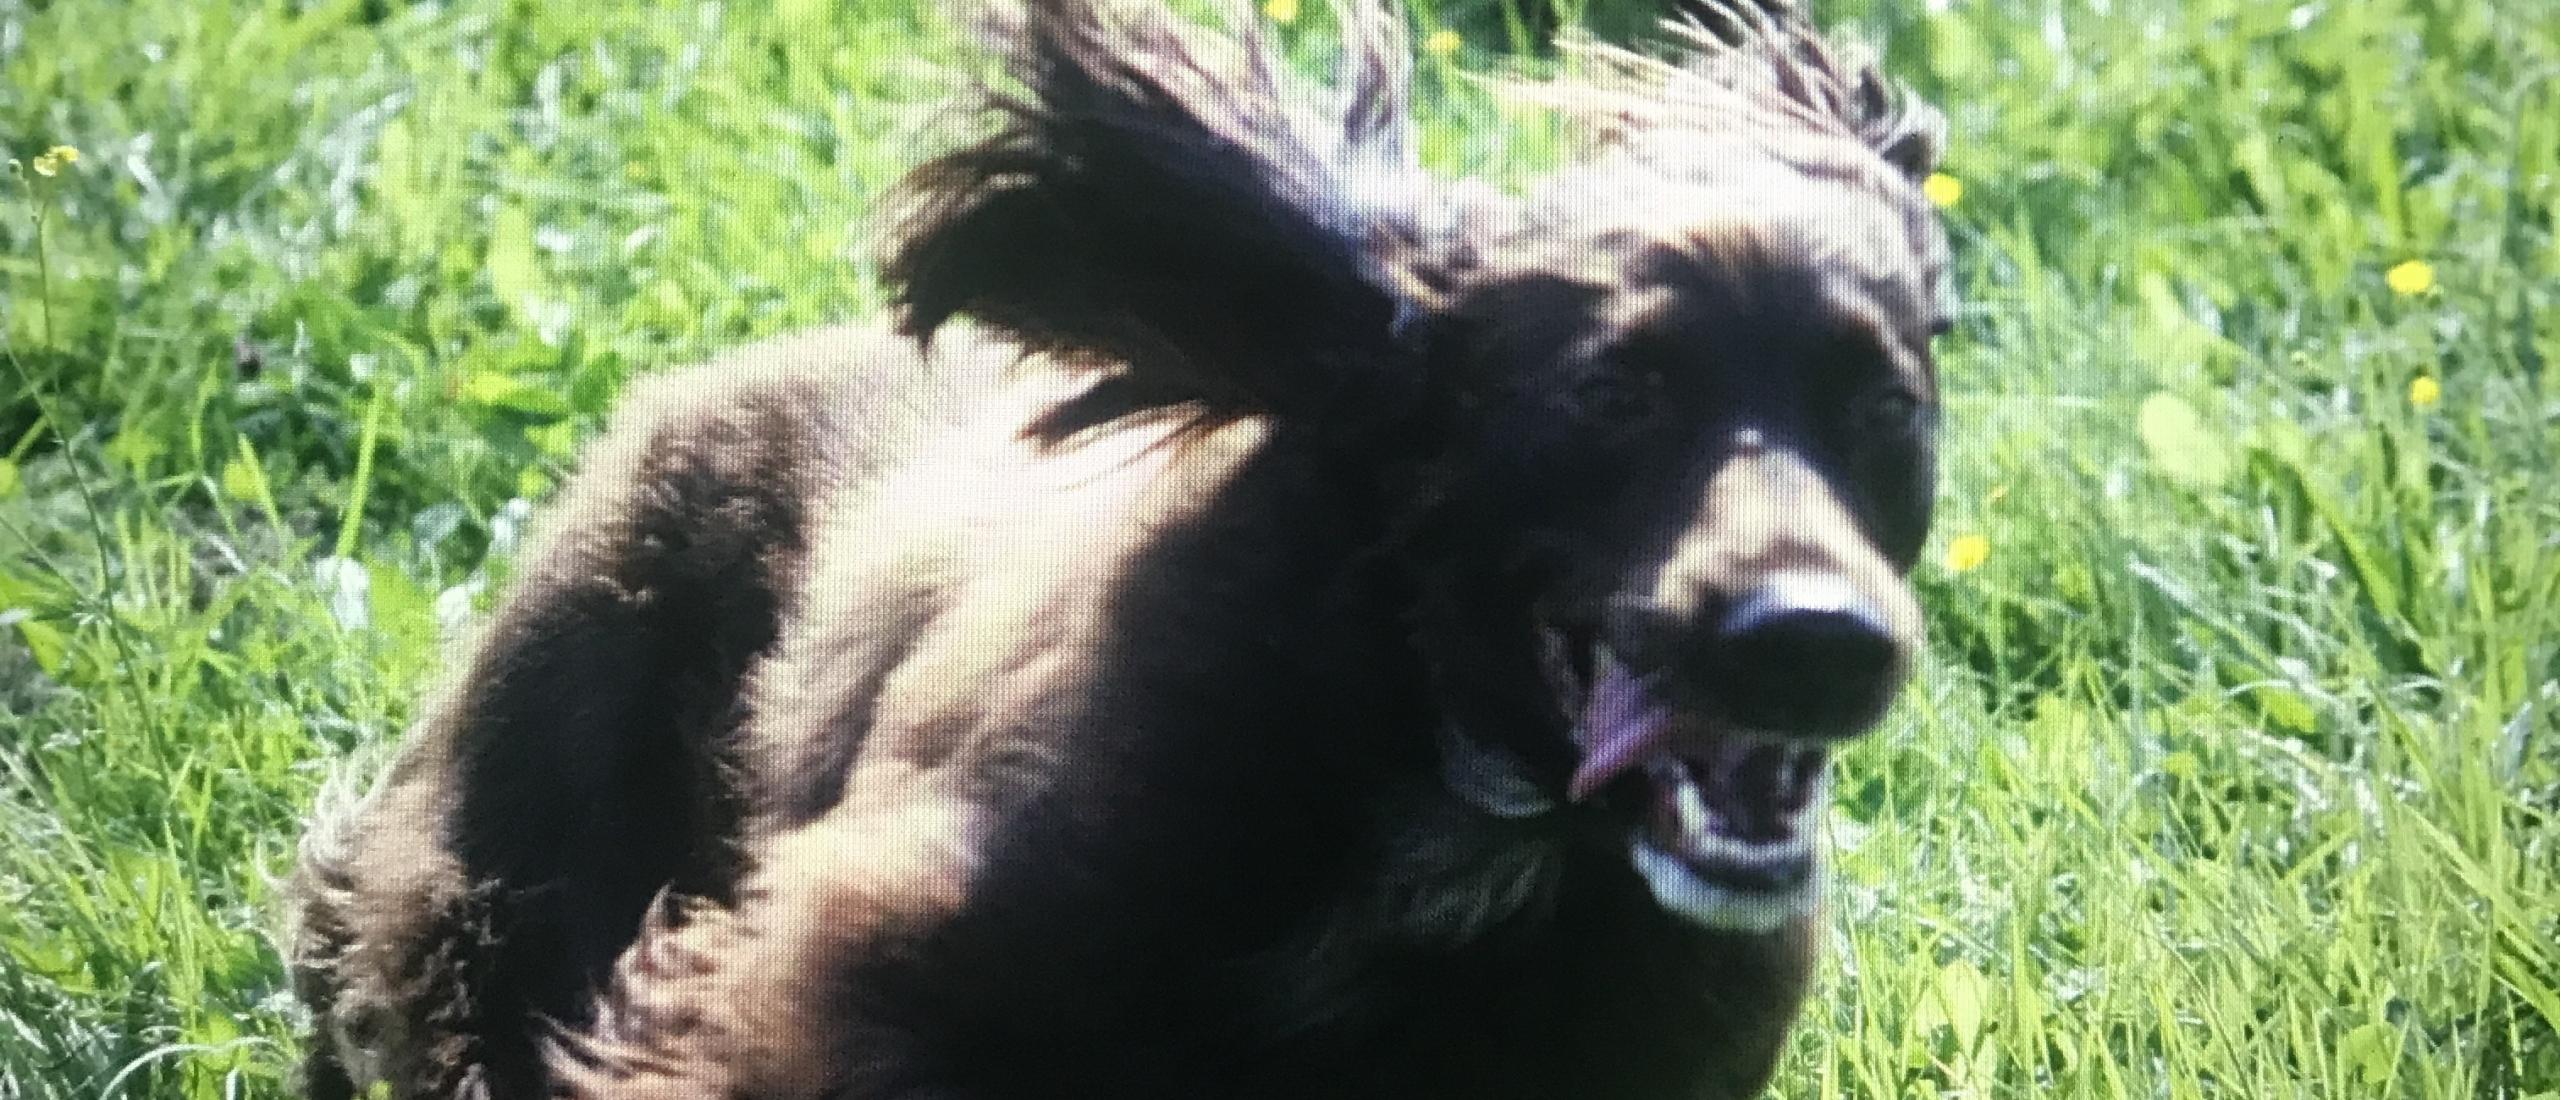 De overeenkomsten tussen jagende honden en vechtende ex-partners….